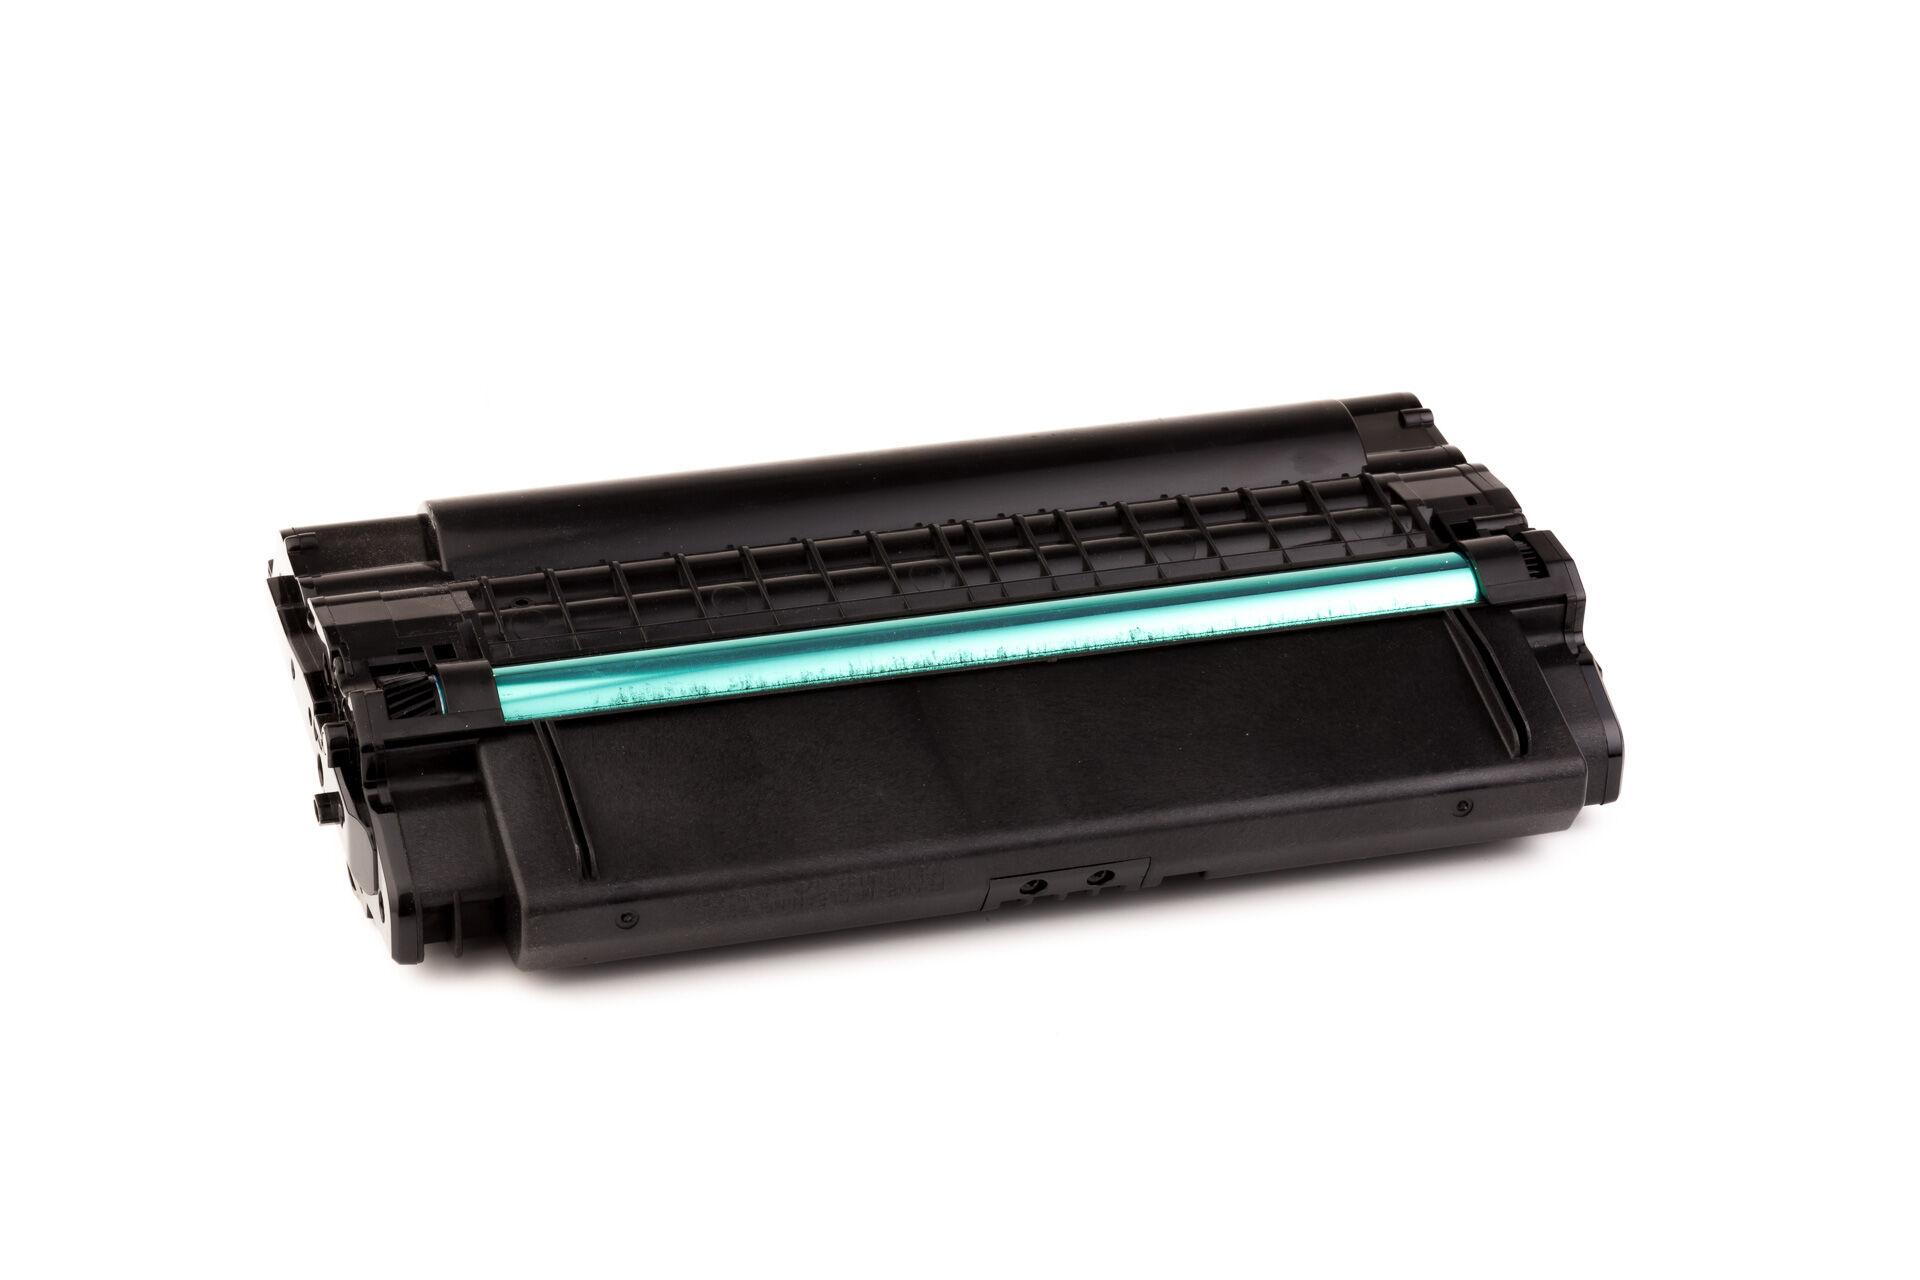 Dell Cartouche de Toner pour Dell 59310329 / HX756 noir compatible (de marque ASC)